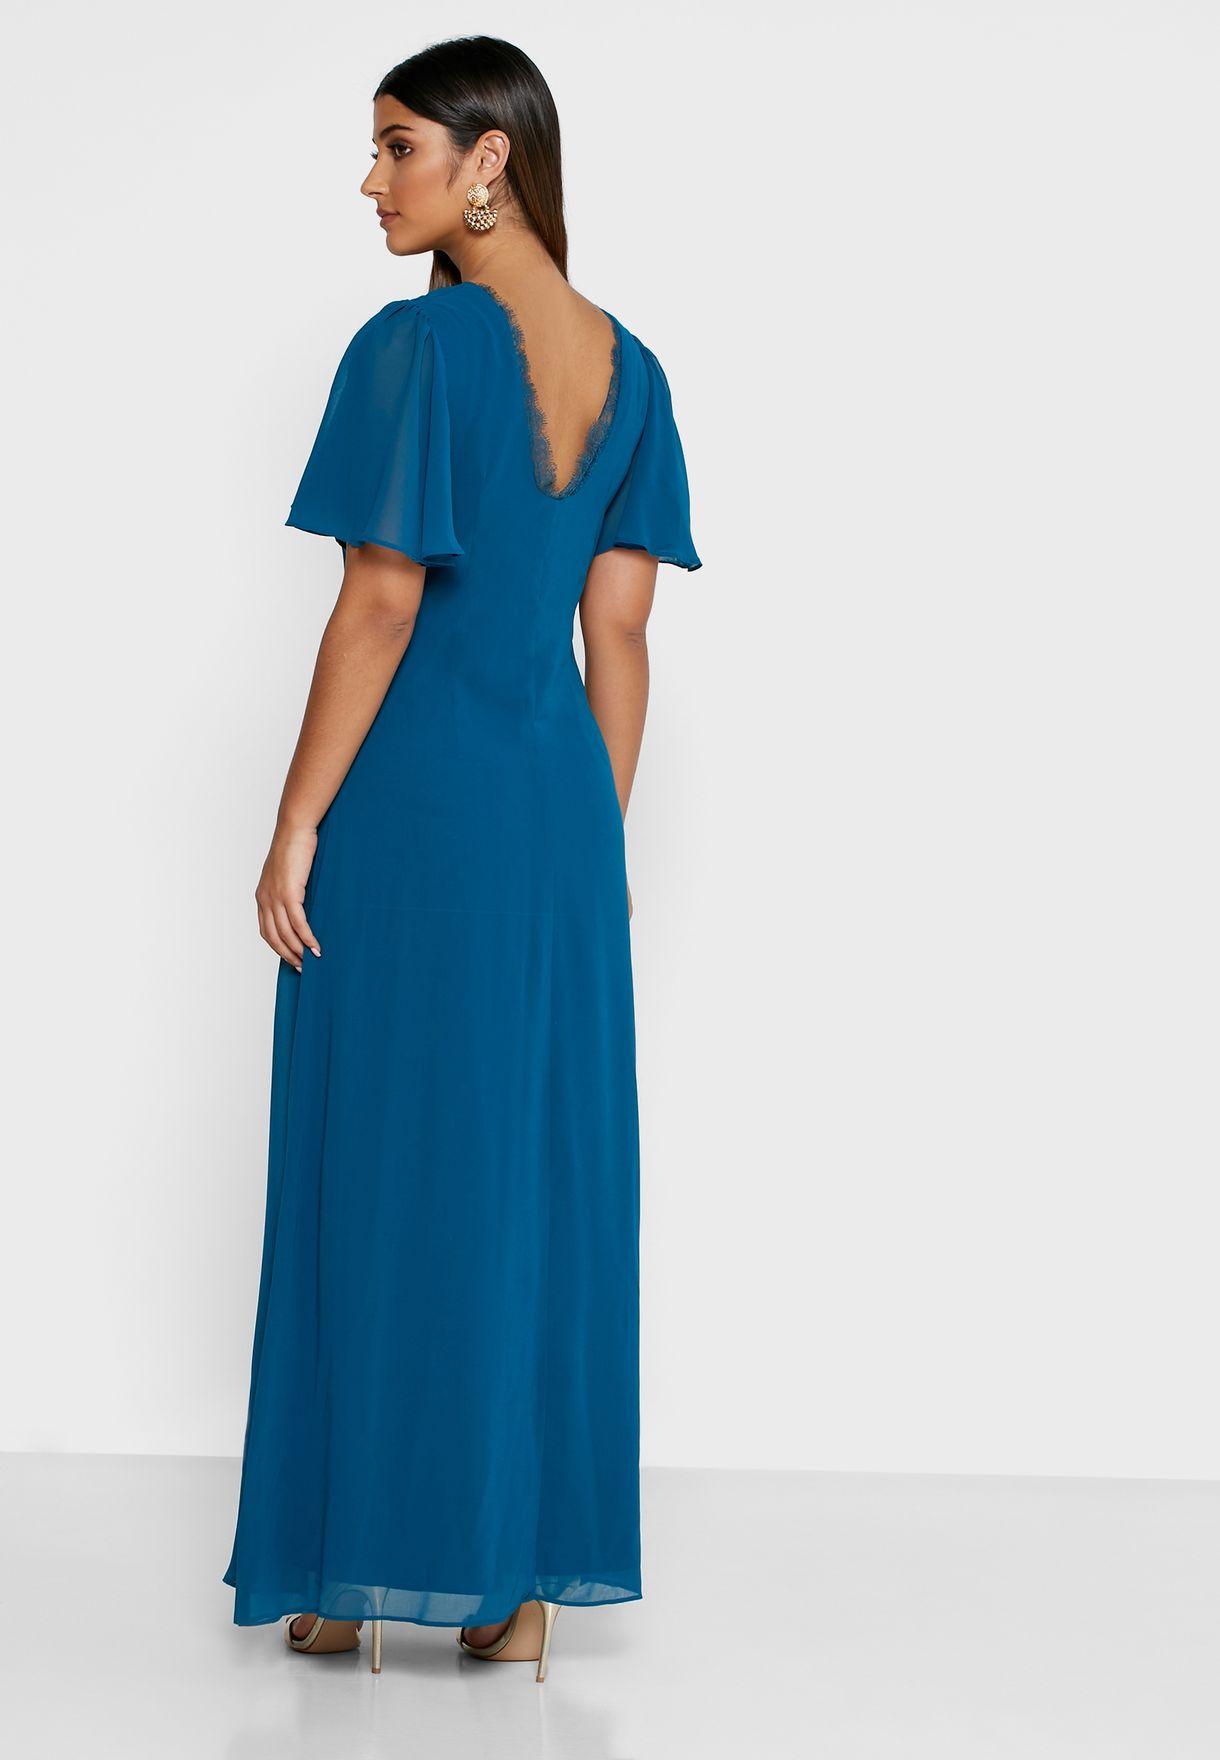 فستان بياقة منسدلة ومزين بدانتيل